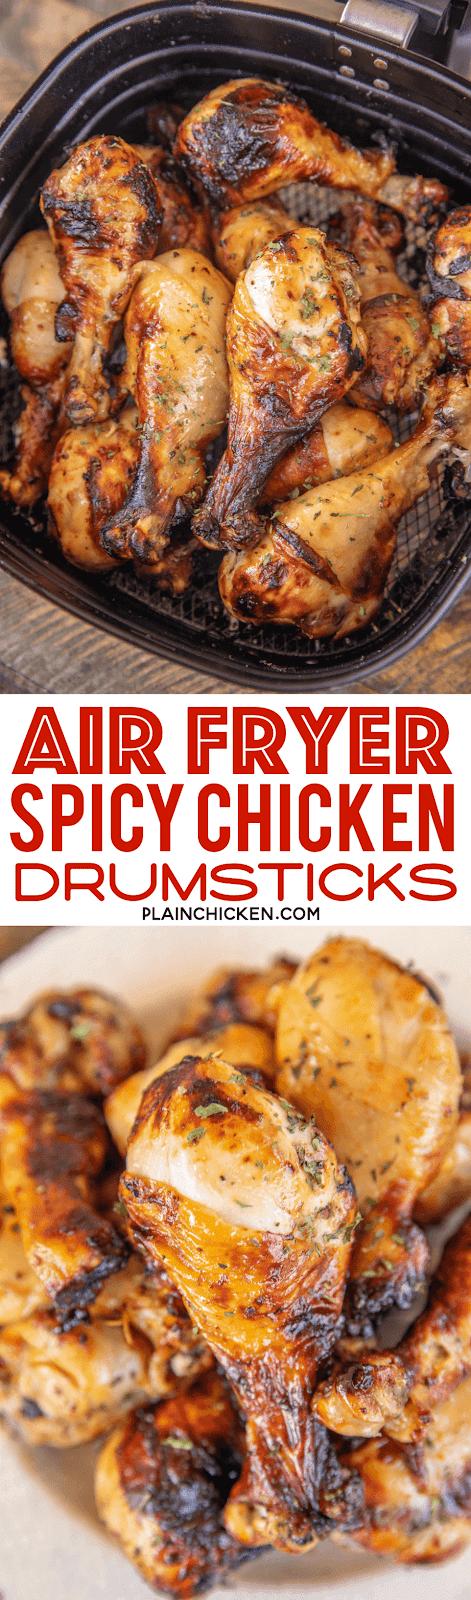 chicken drumsticks in air fryer